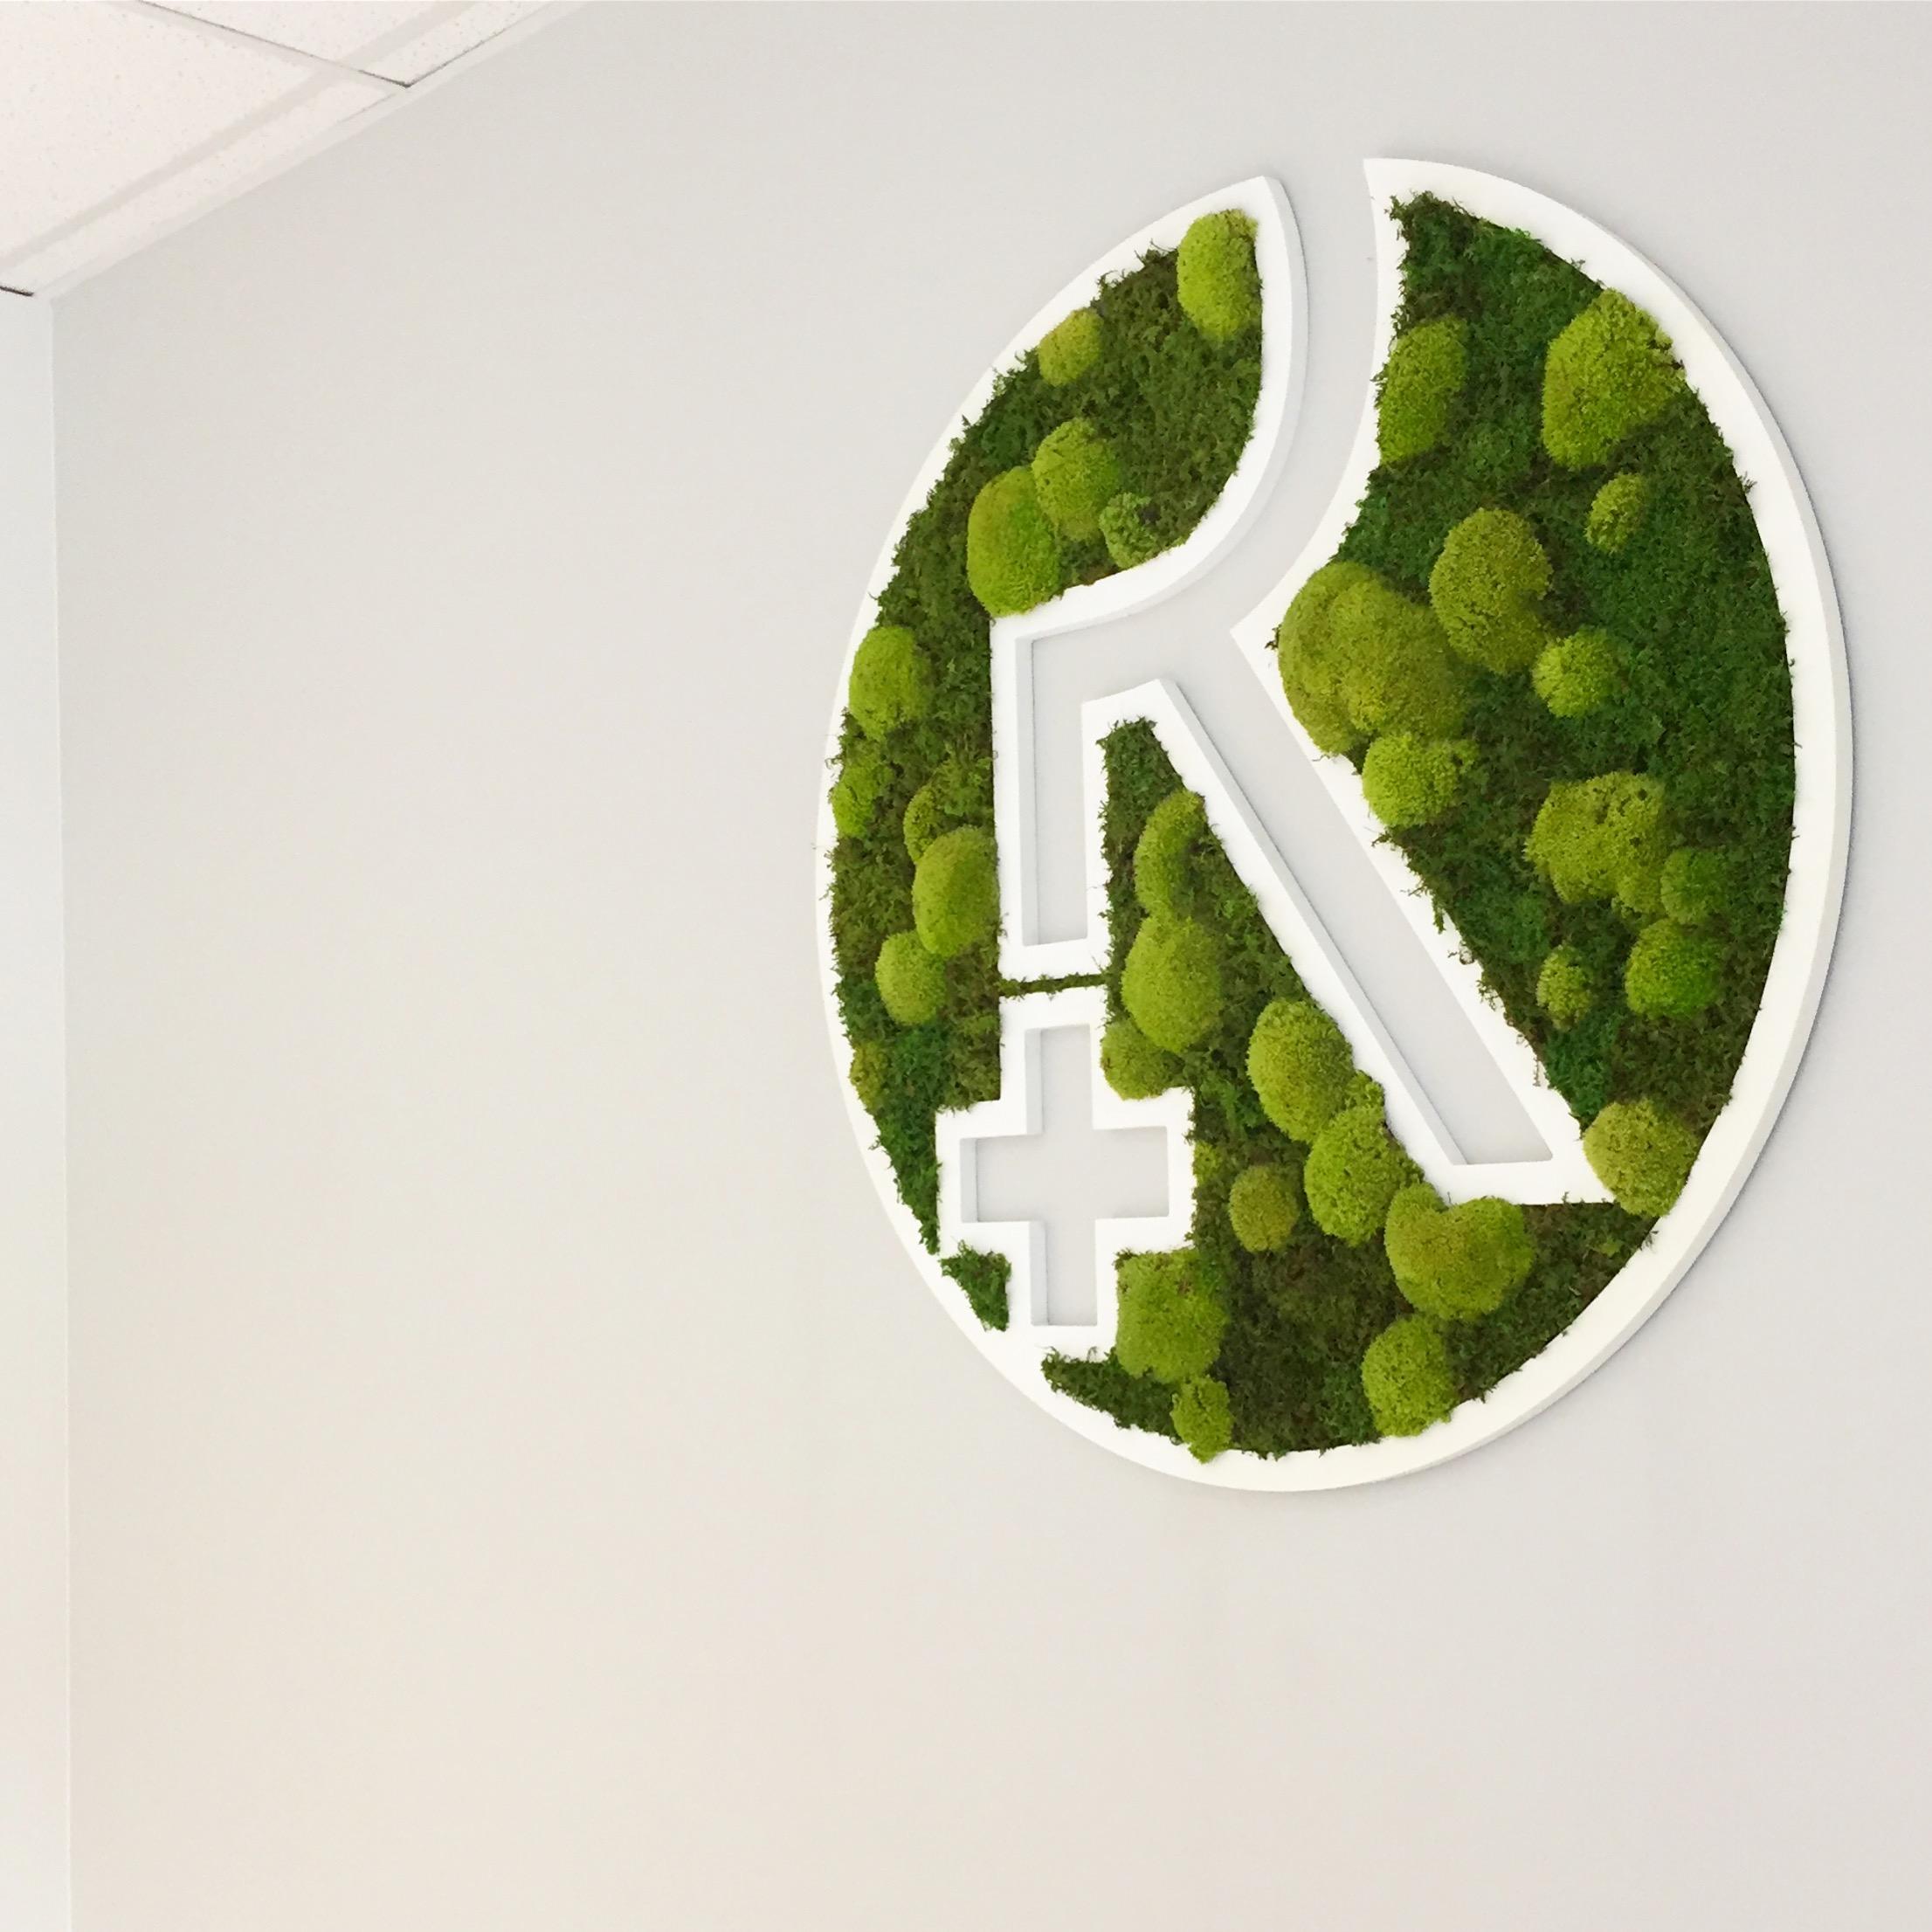 Moss Logos -